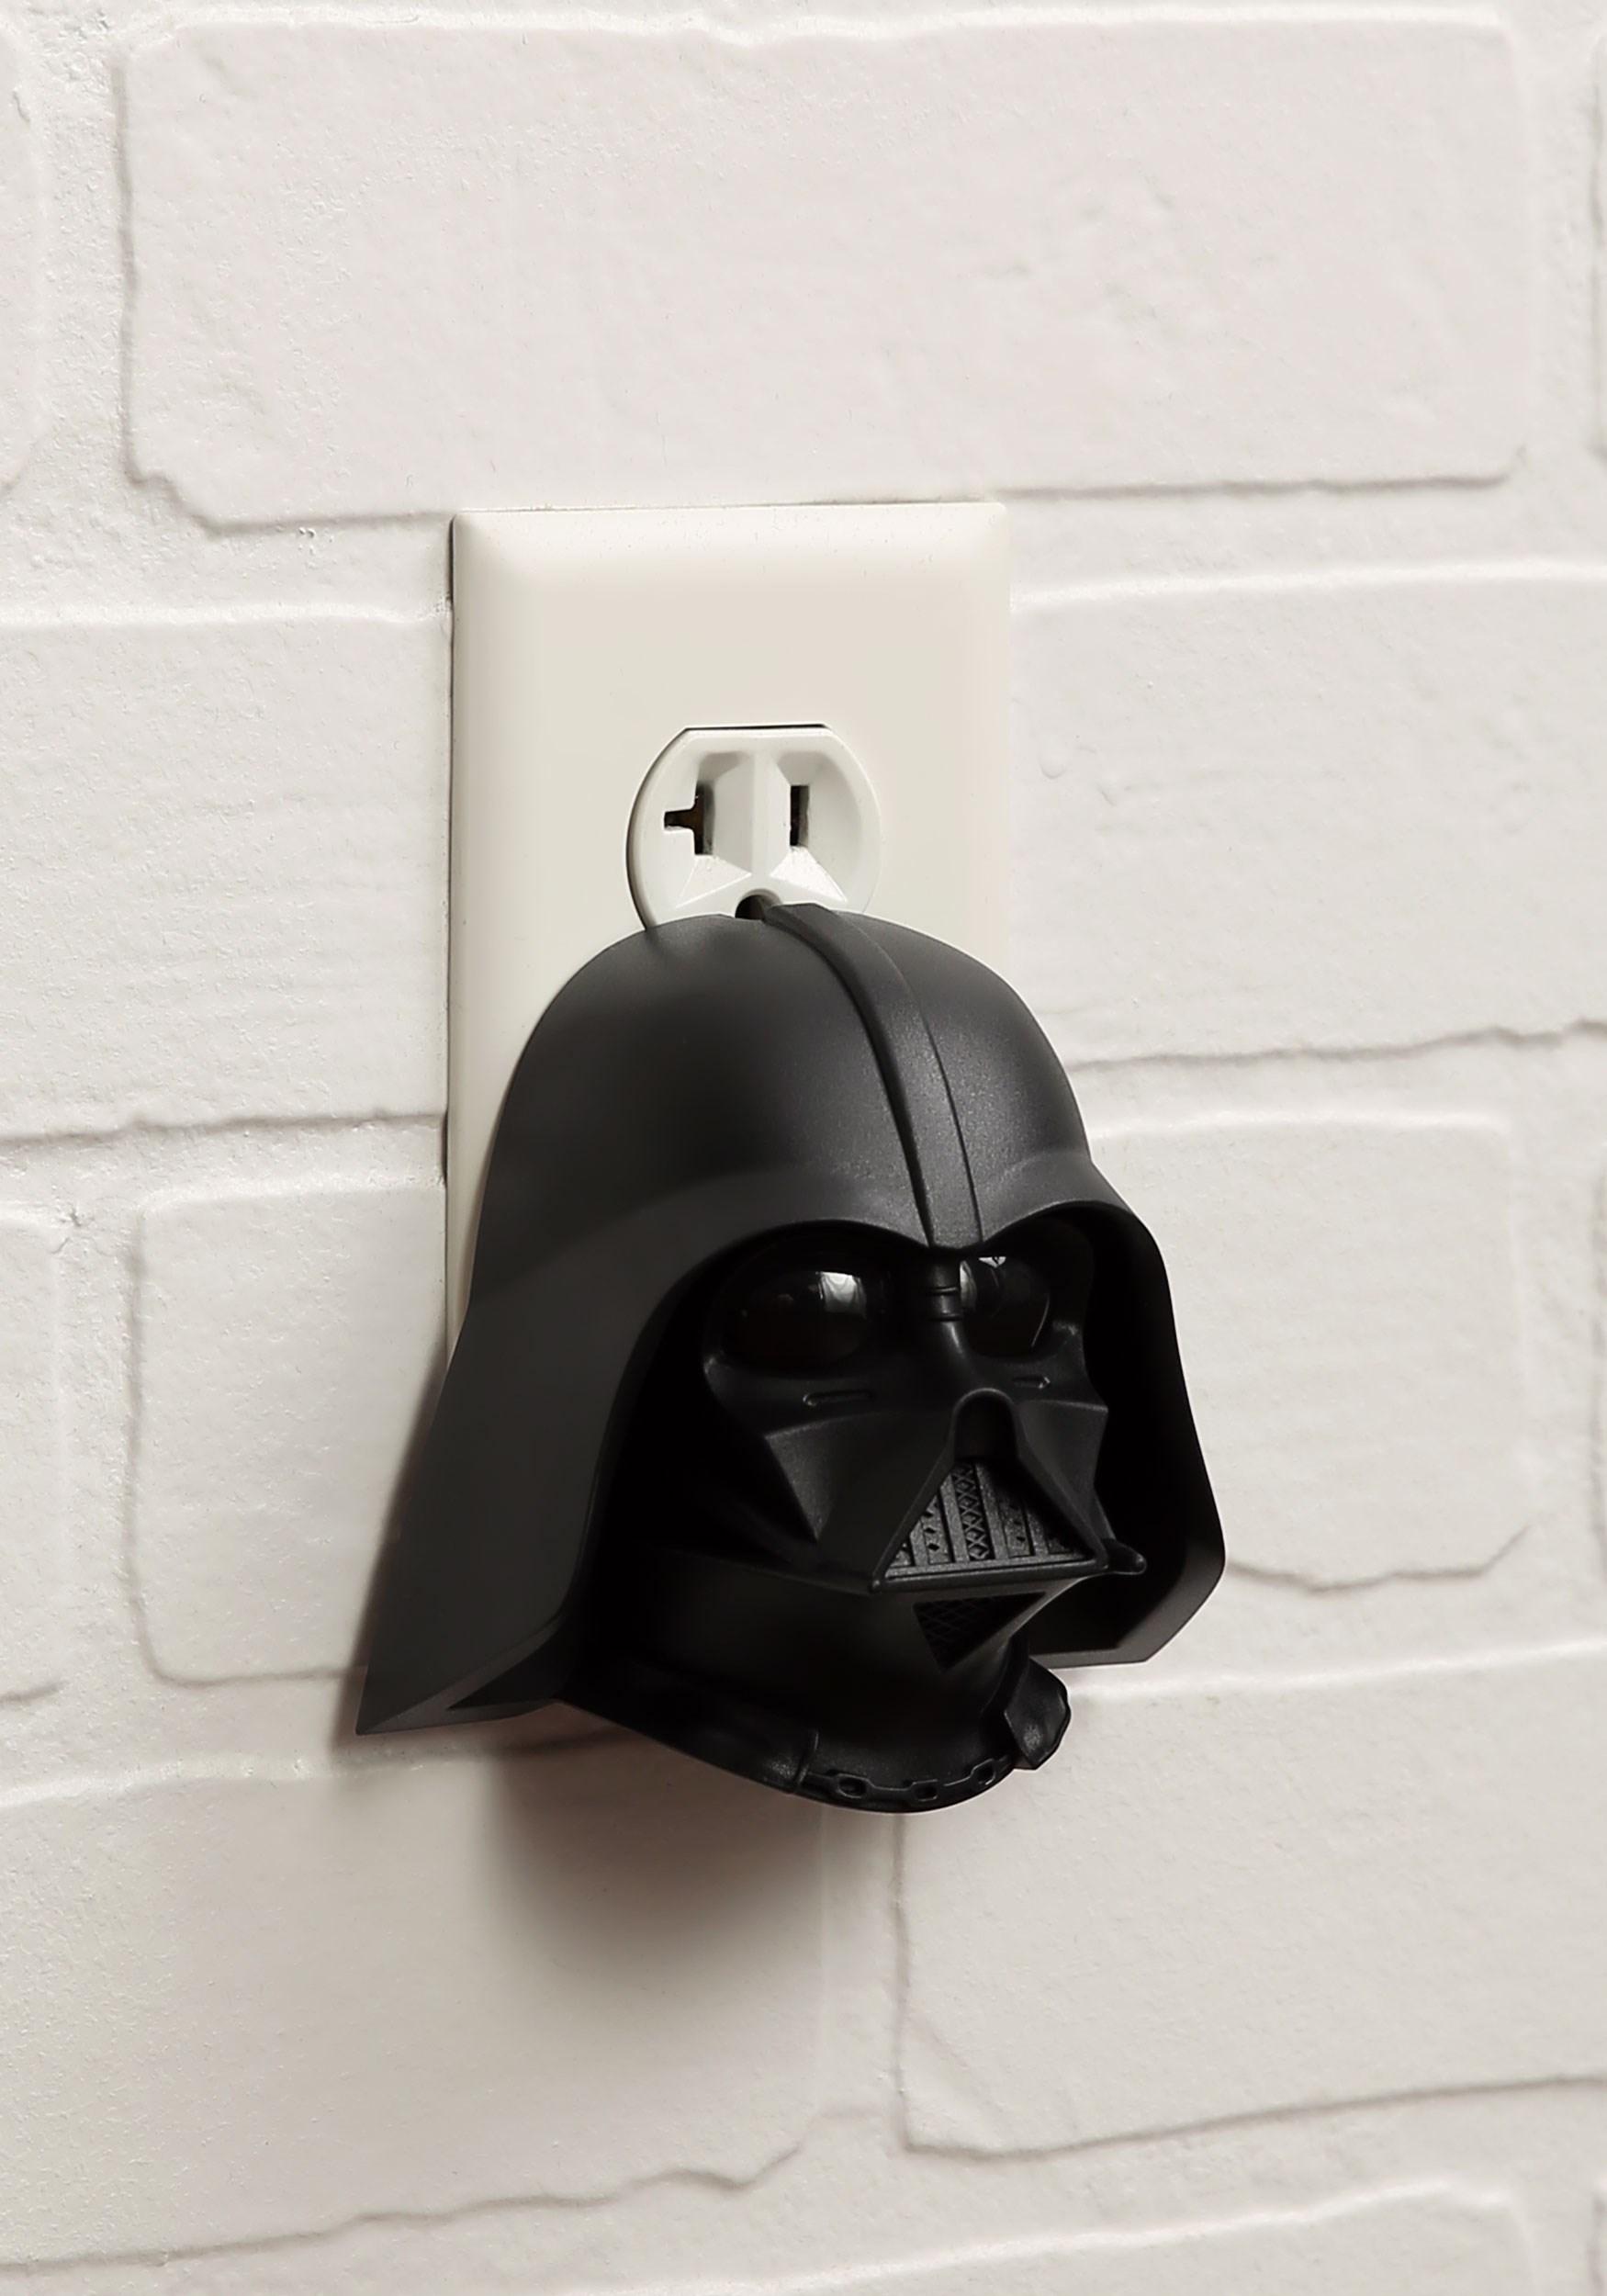 Darth Vader Talking Clapper Star Wars